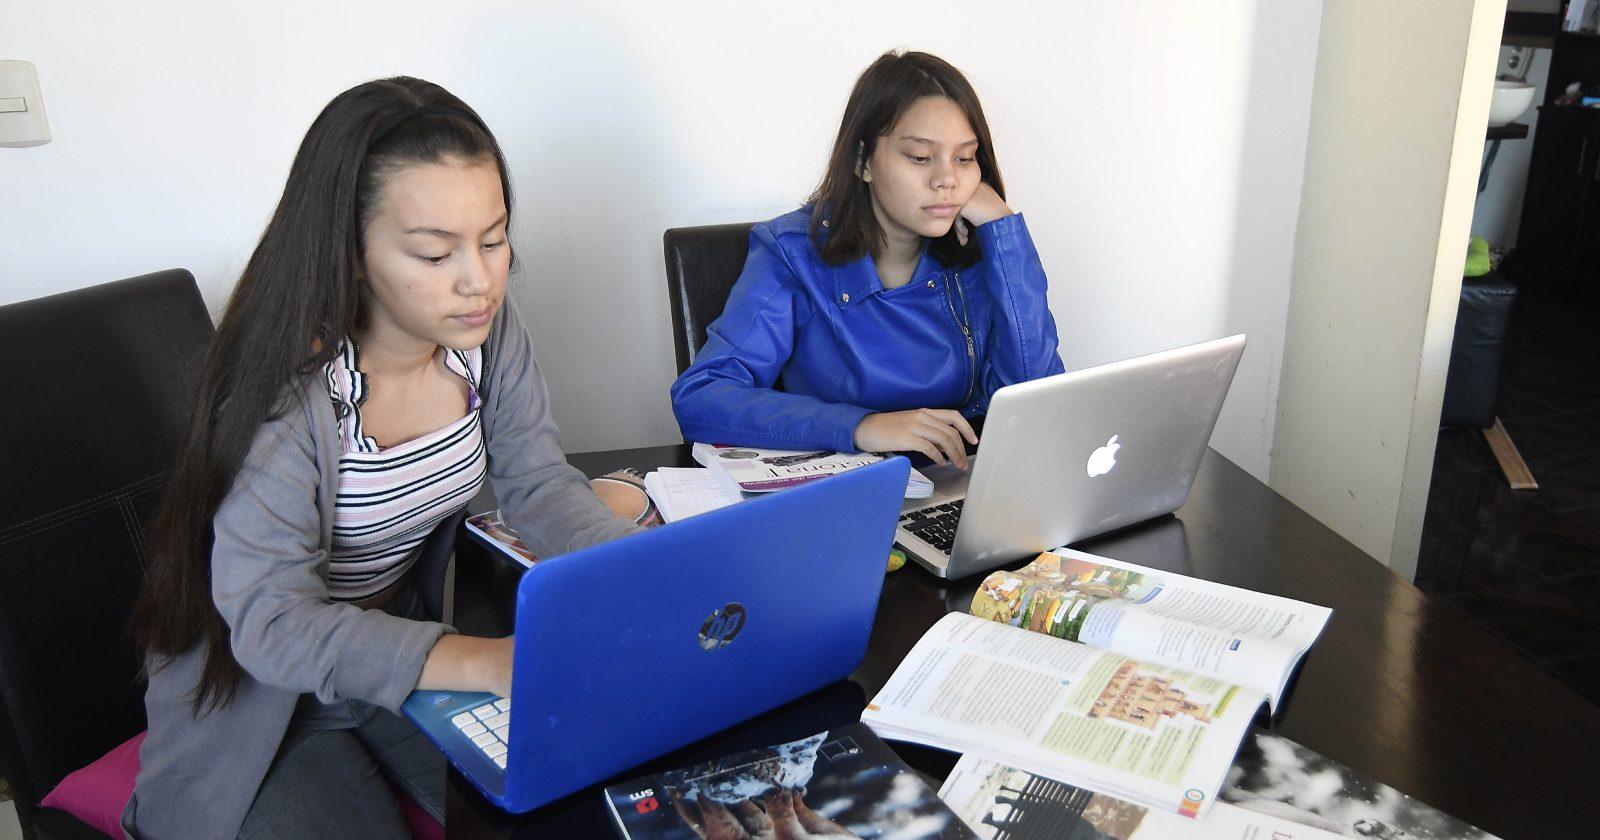 Los detalles de la alianza entre el Mineduc e instituciones de ed. superior para compartir recursos de enseñanza online